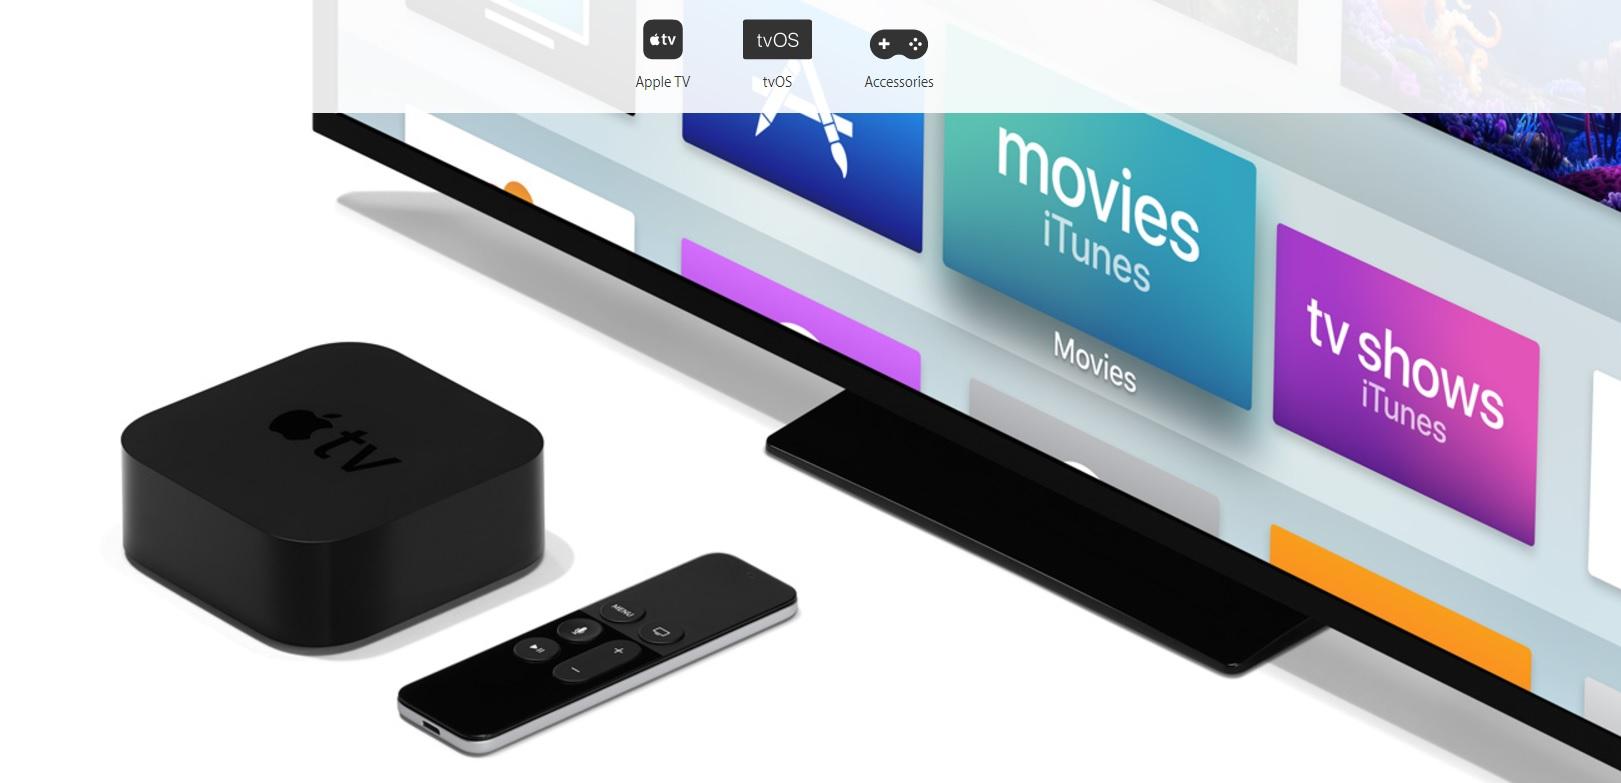 Det kommer snart en ny Apple TV med skikkelig 4K-støtte. I teorien kan Apple TV 4 støtte 4K også, men det spørs om Apple aktiverer på den noe eldre boksen da det ikke bare er oppløsningen som gjelder.